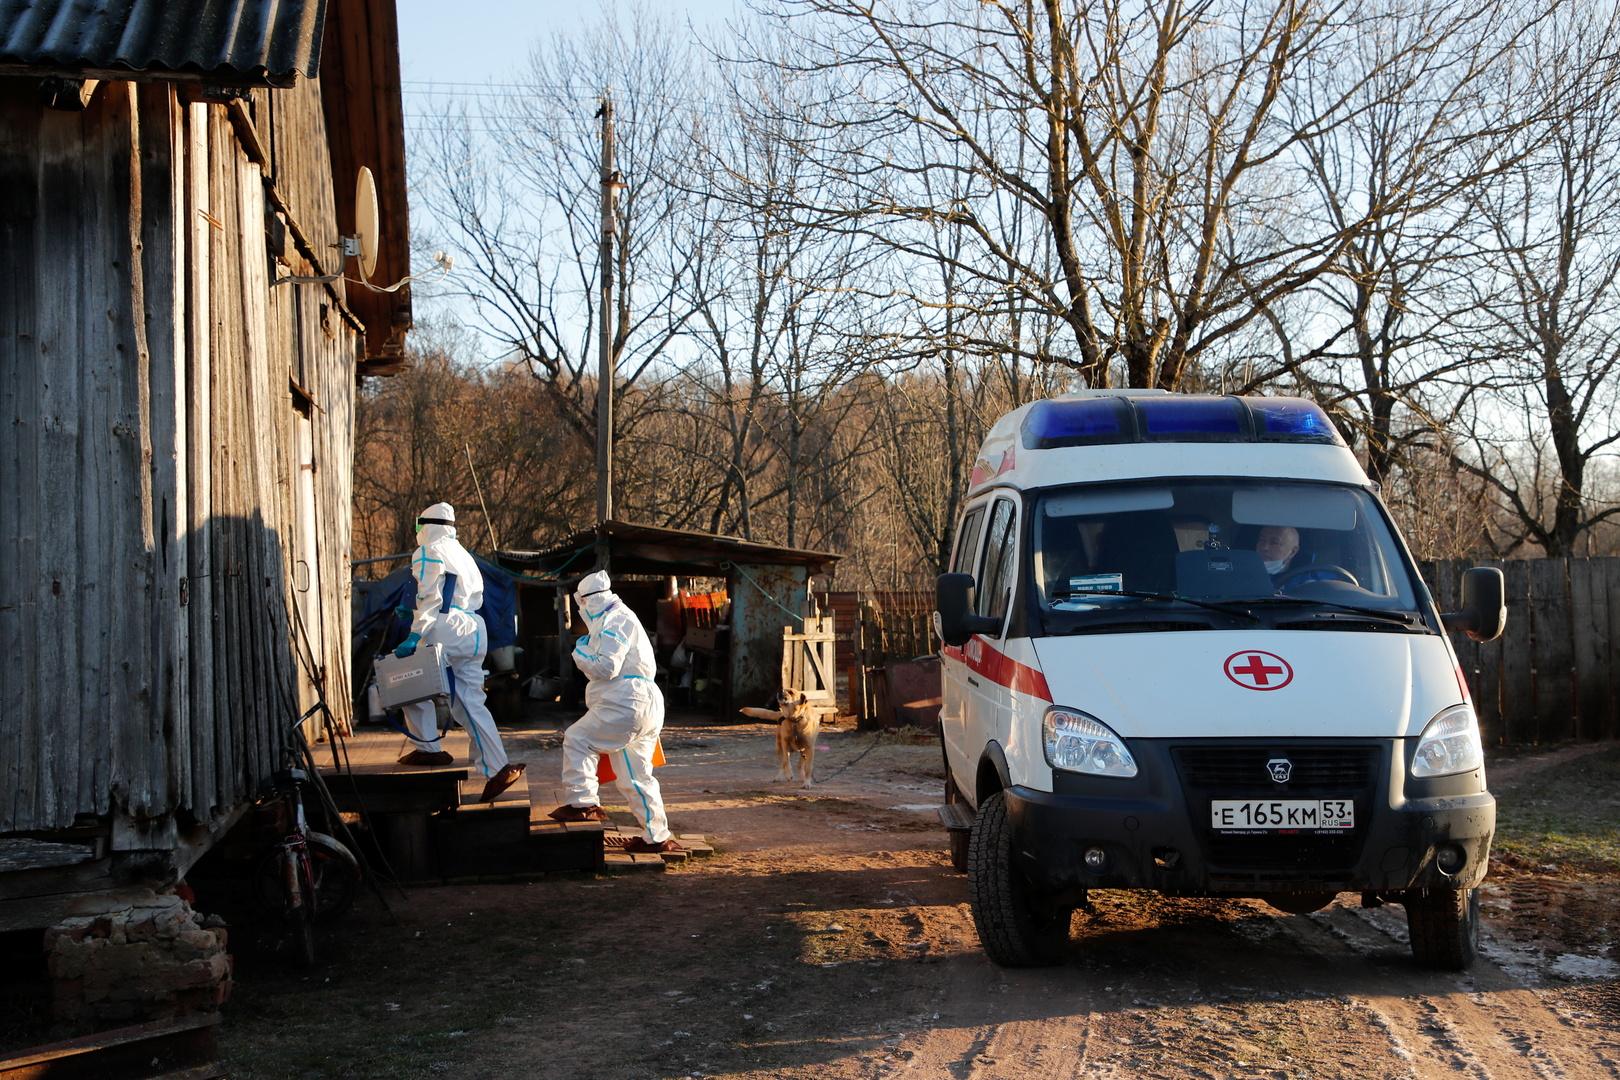 روسيا تسجل أقل من 400 وفاة و9 آلاف إصابة بكورونا خلال 24 ساعة